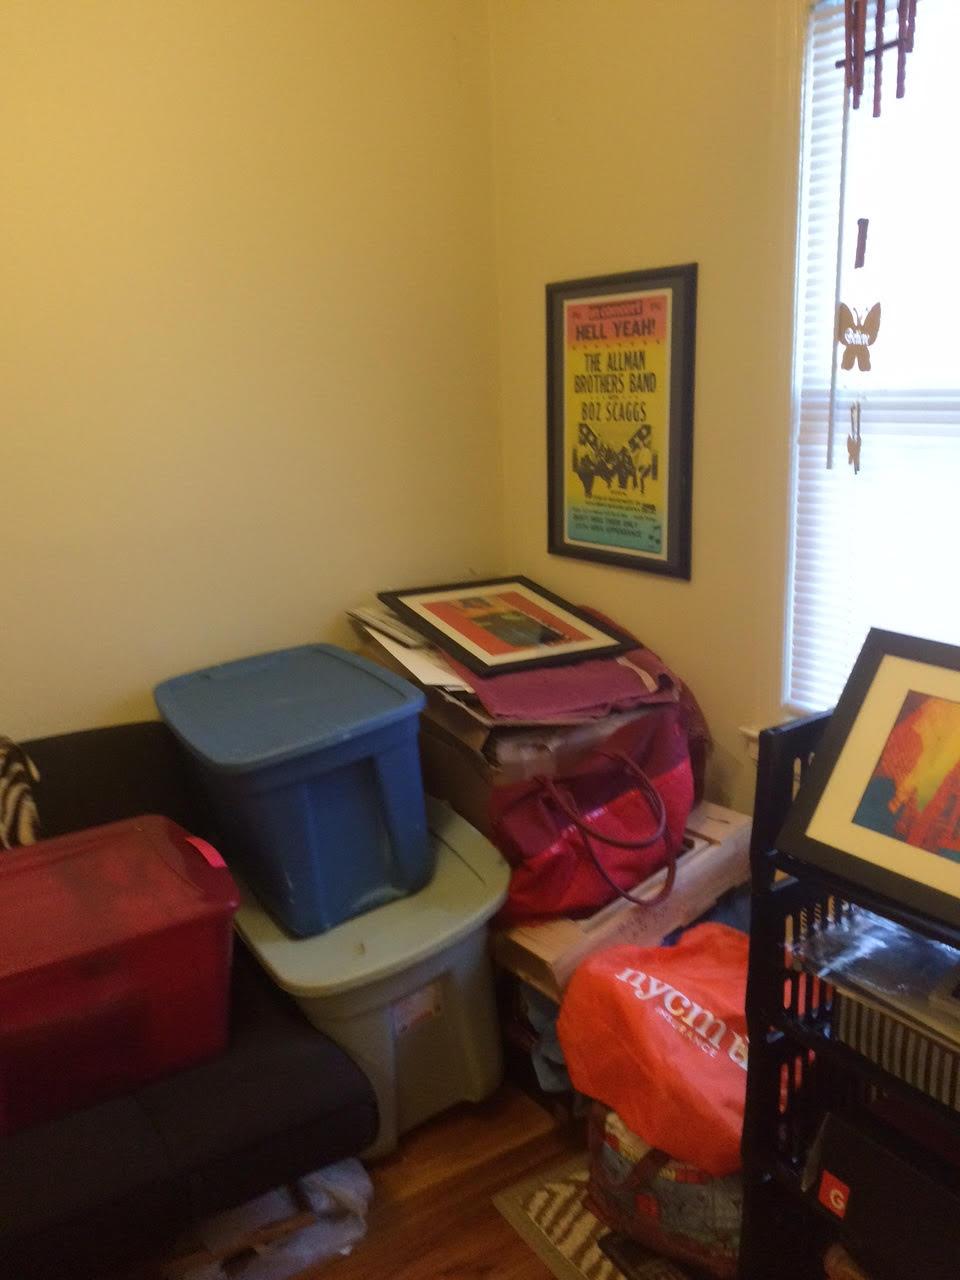 The DeClutter Coach, Deborah J Cabral, CPO®